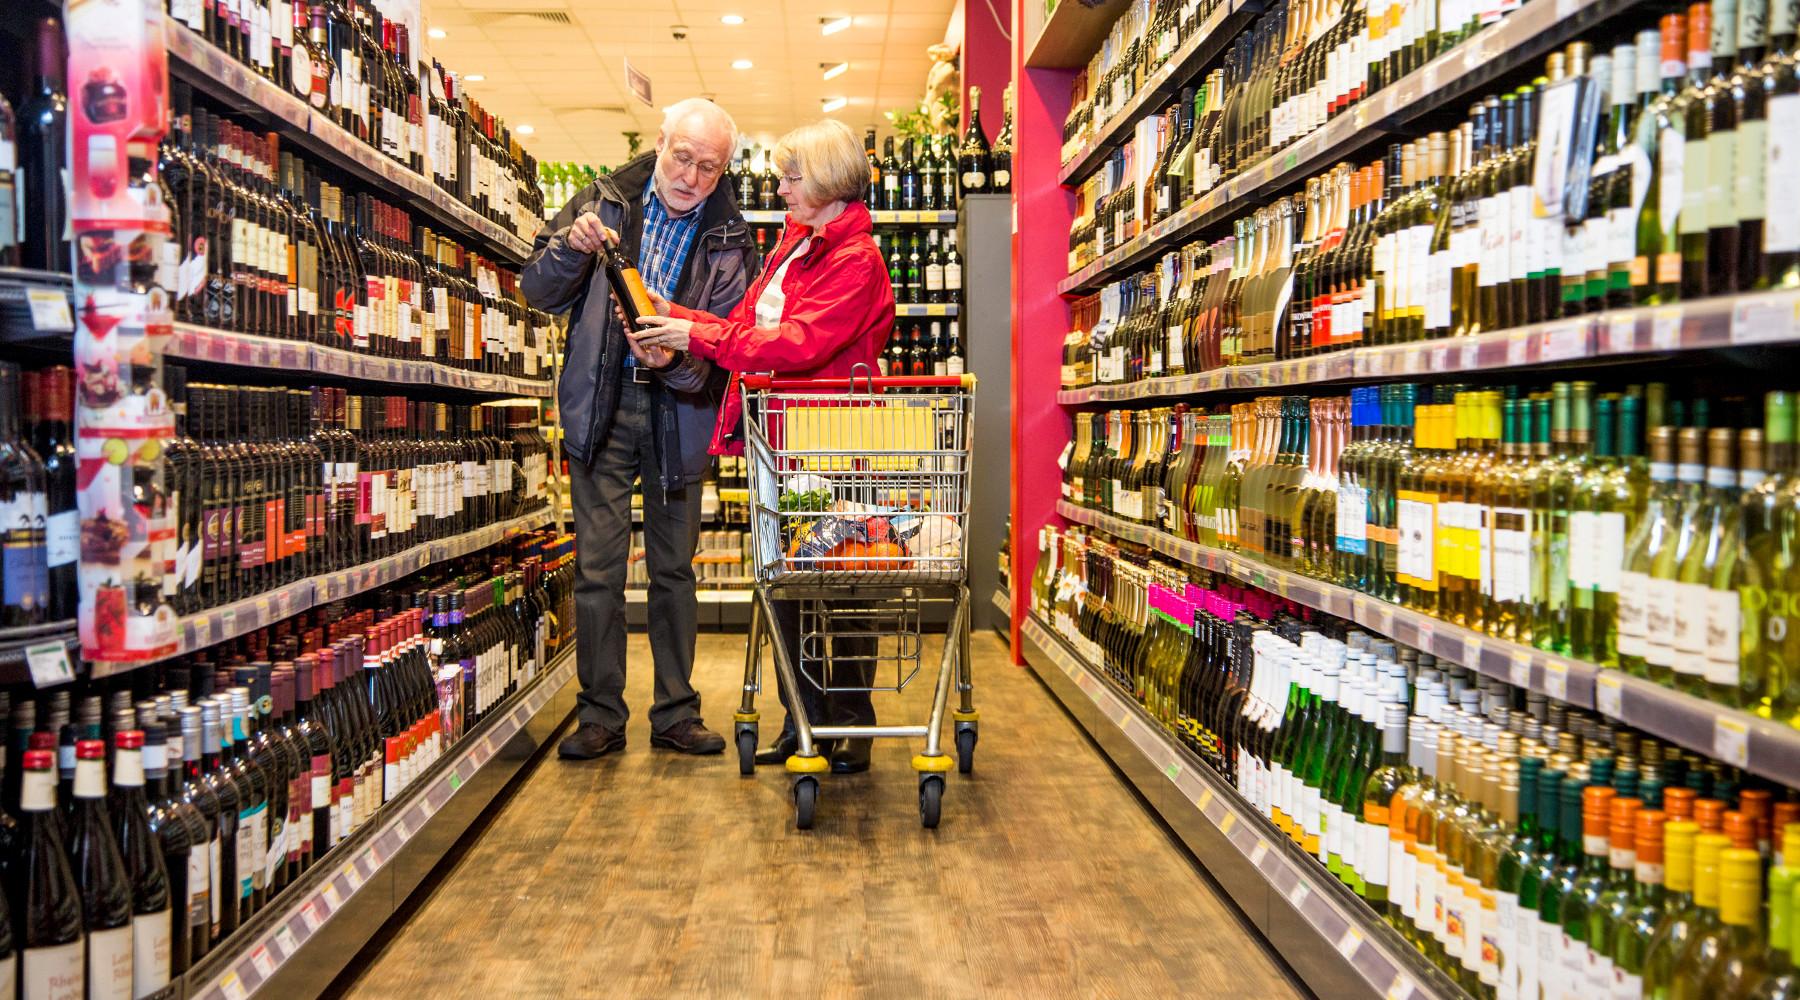 Минздрав рассмотрит идею размещения устрашающих изображений набутылках спиртного